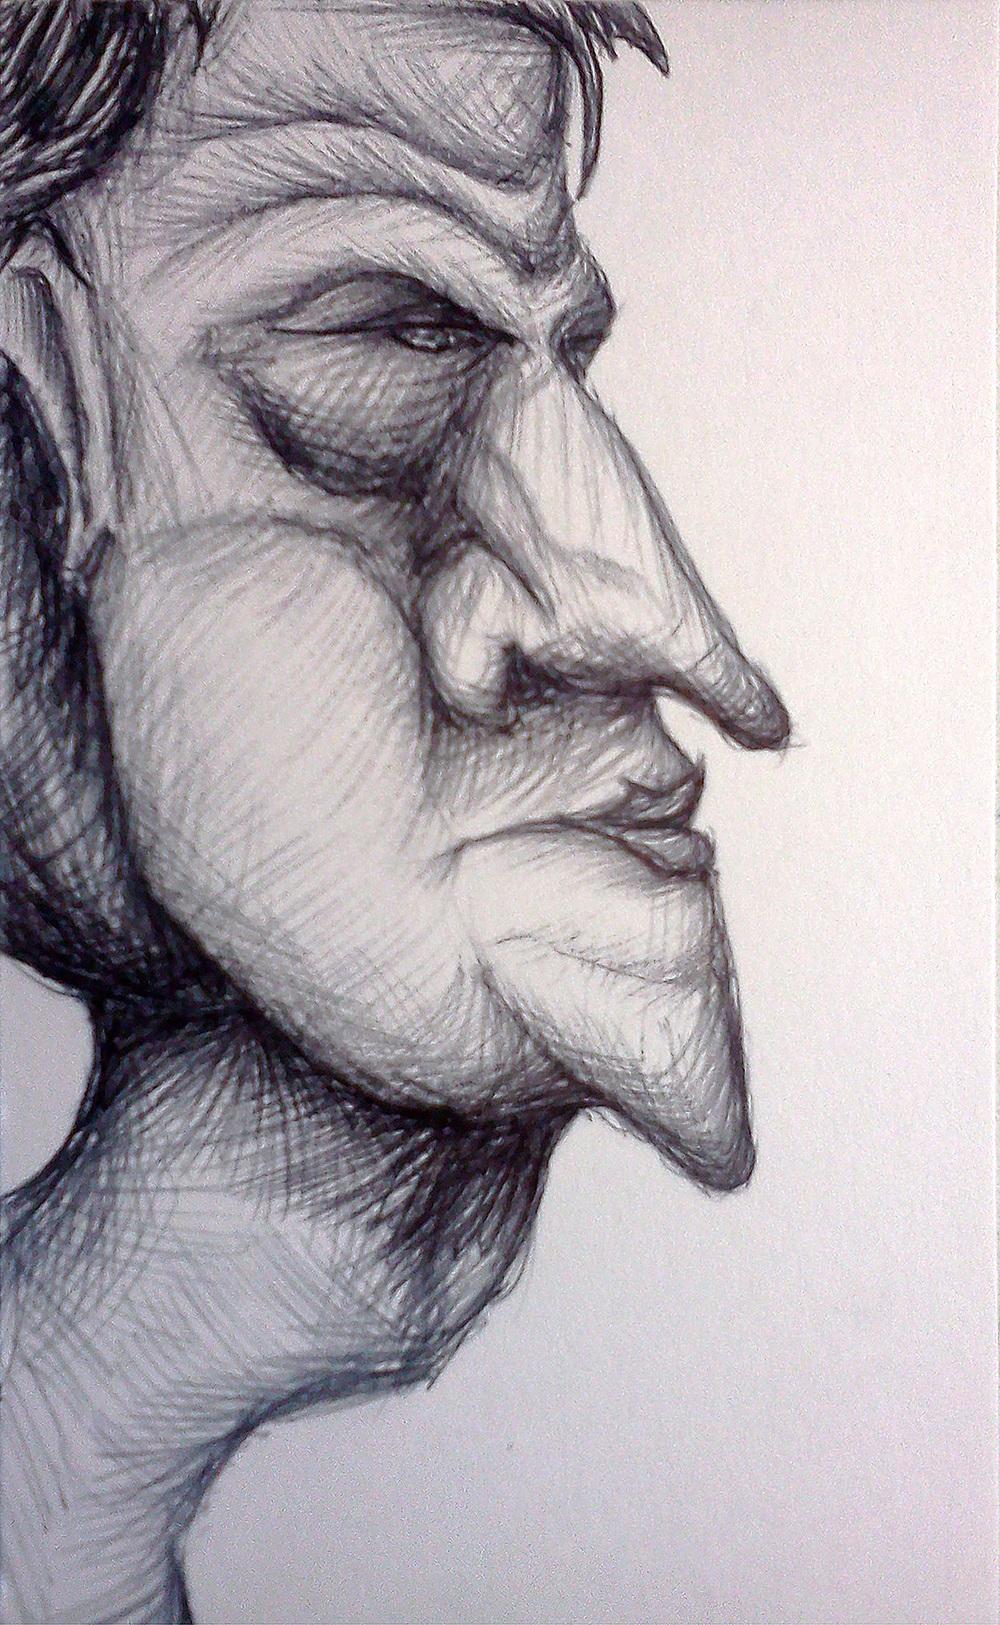 Caricature 2